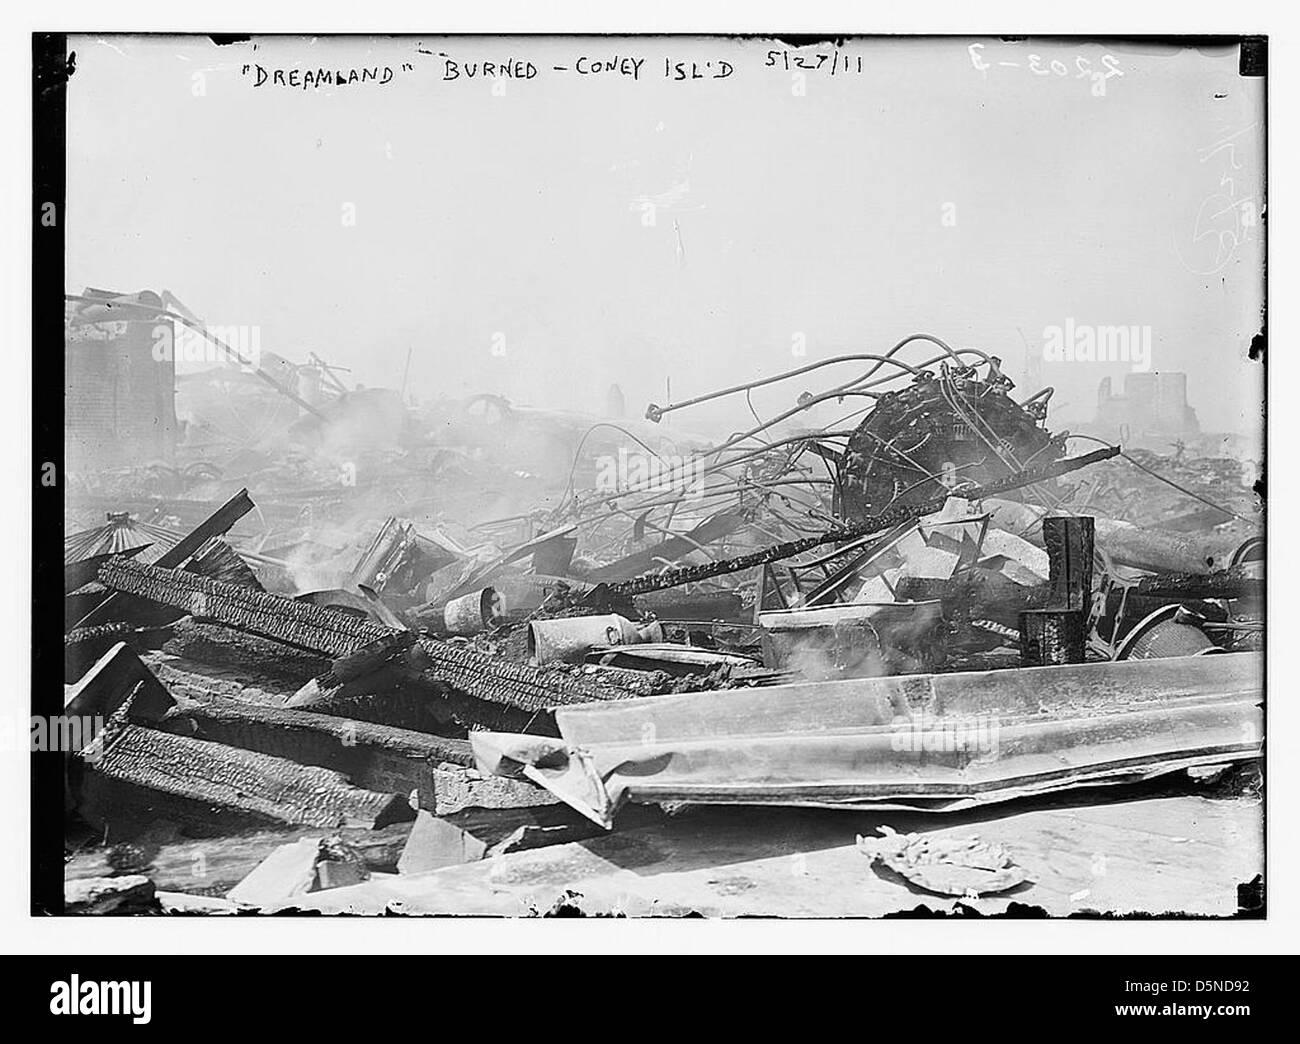 'Dreamland' bruciato, Coney Island, 5/27/11 (LOC) Immagini Stock